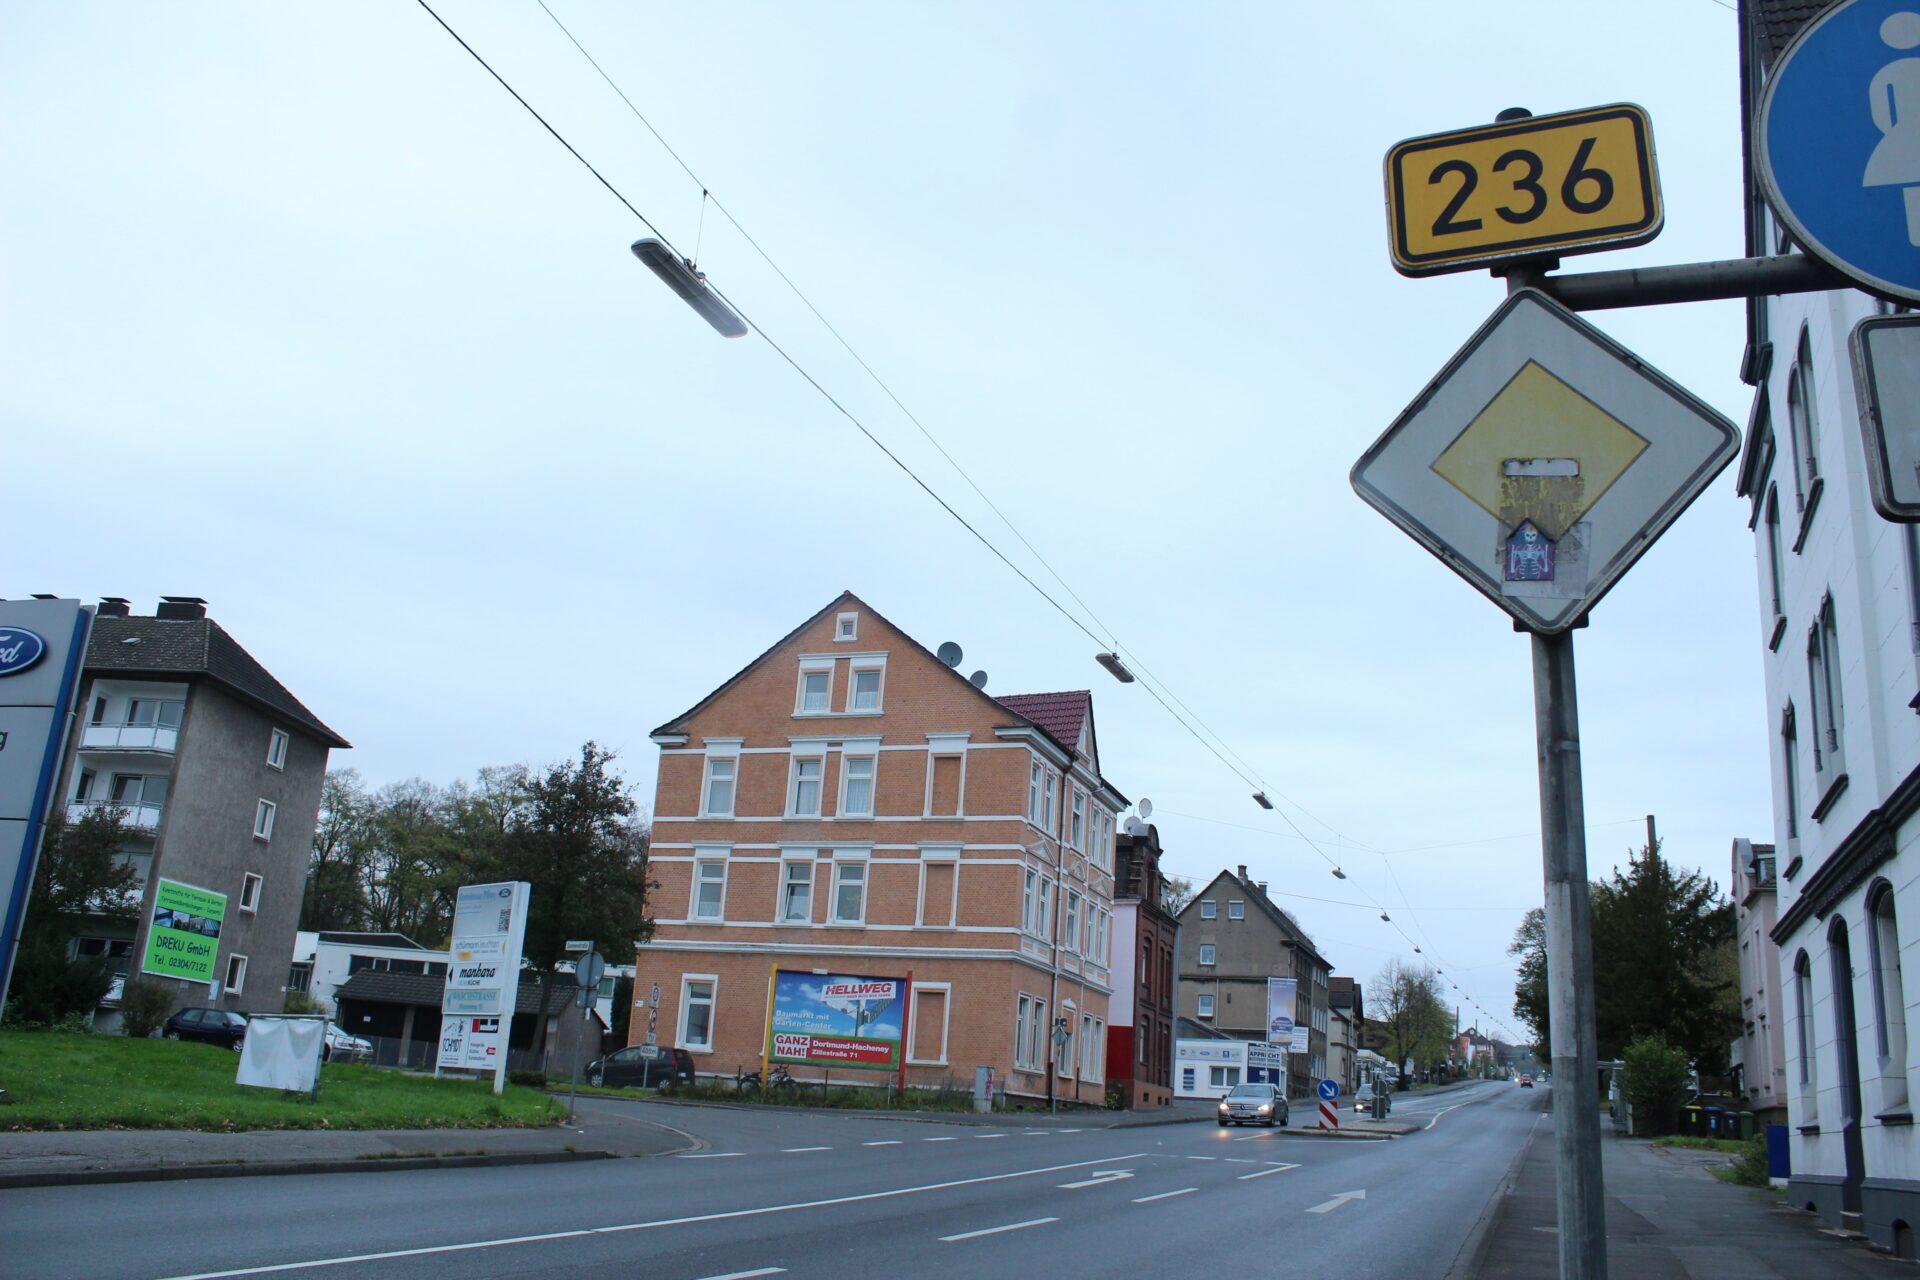 Baubeginn für den vierstreifigen Ausbau der Bundesstraße B 236 am 14. April 2020